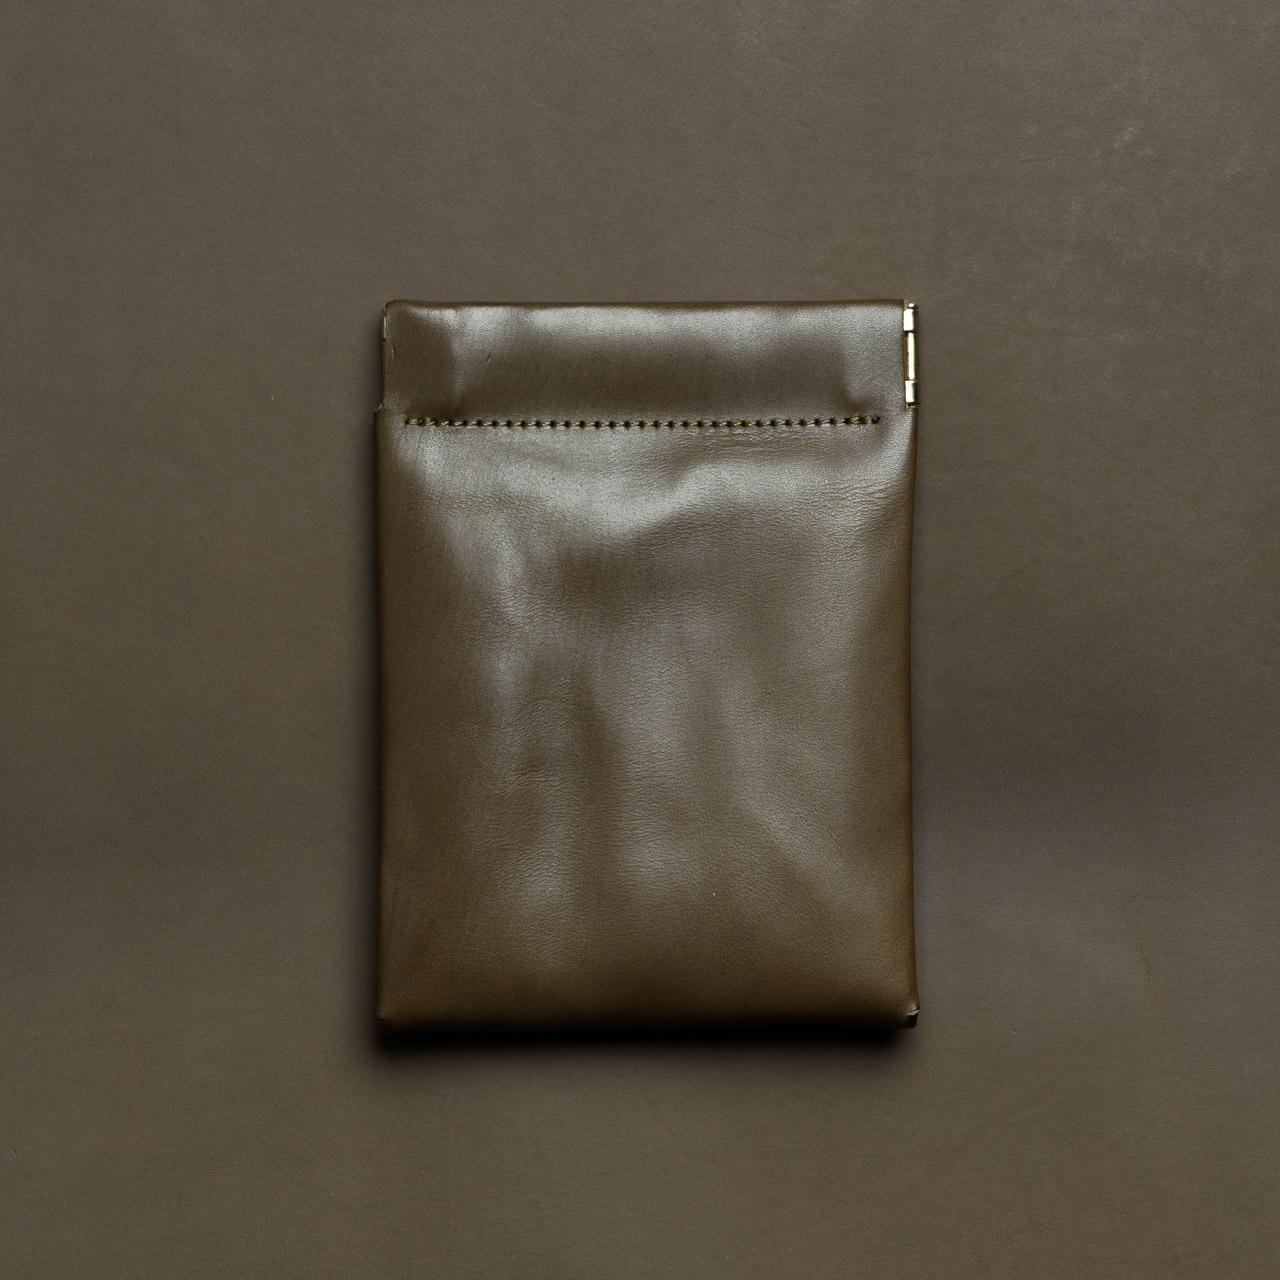 ミニマリスト向けのスリムなミニ財布